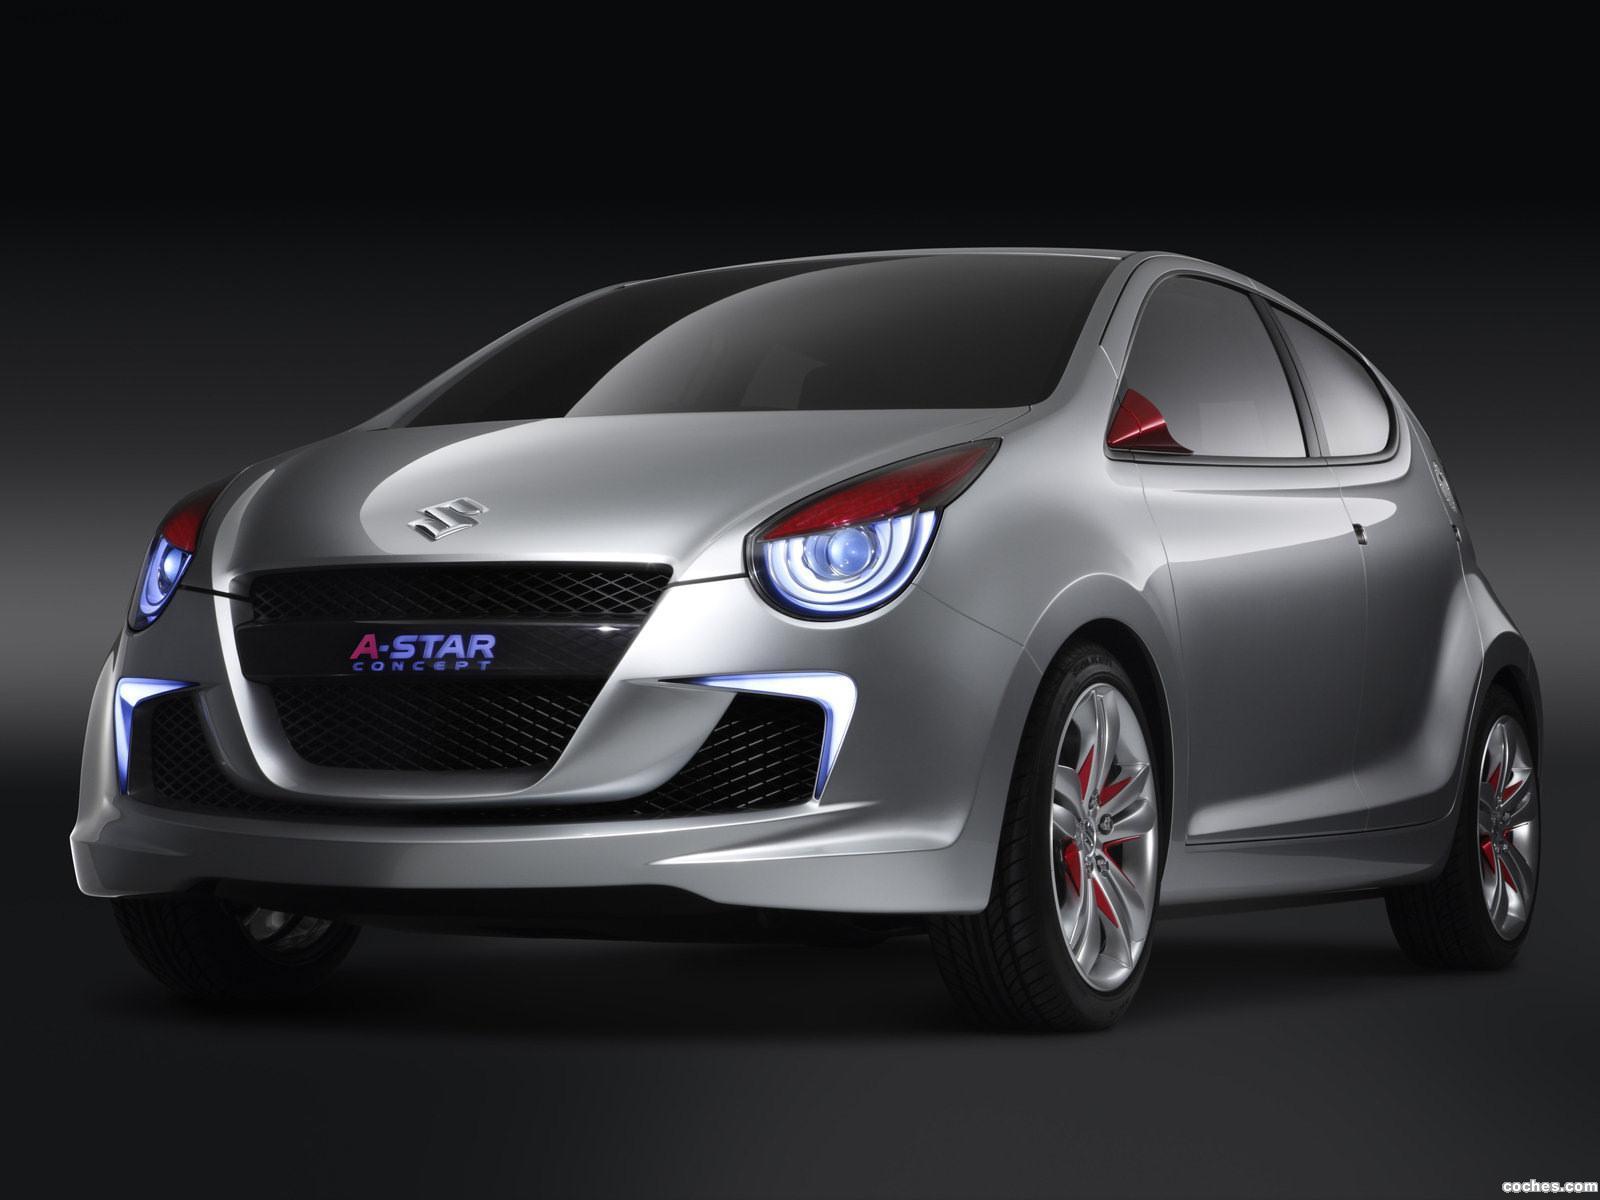 Foto 0 de Suzuki A-Star Concept 2008